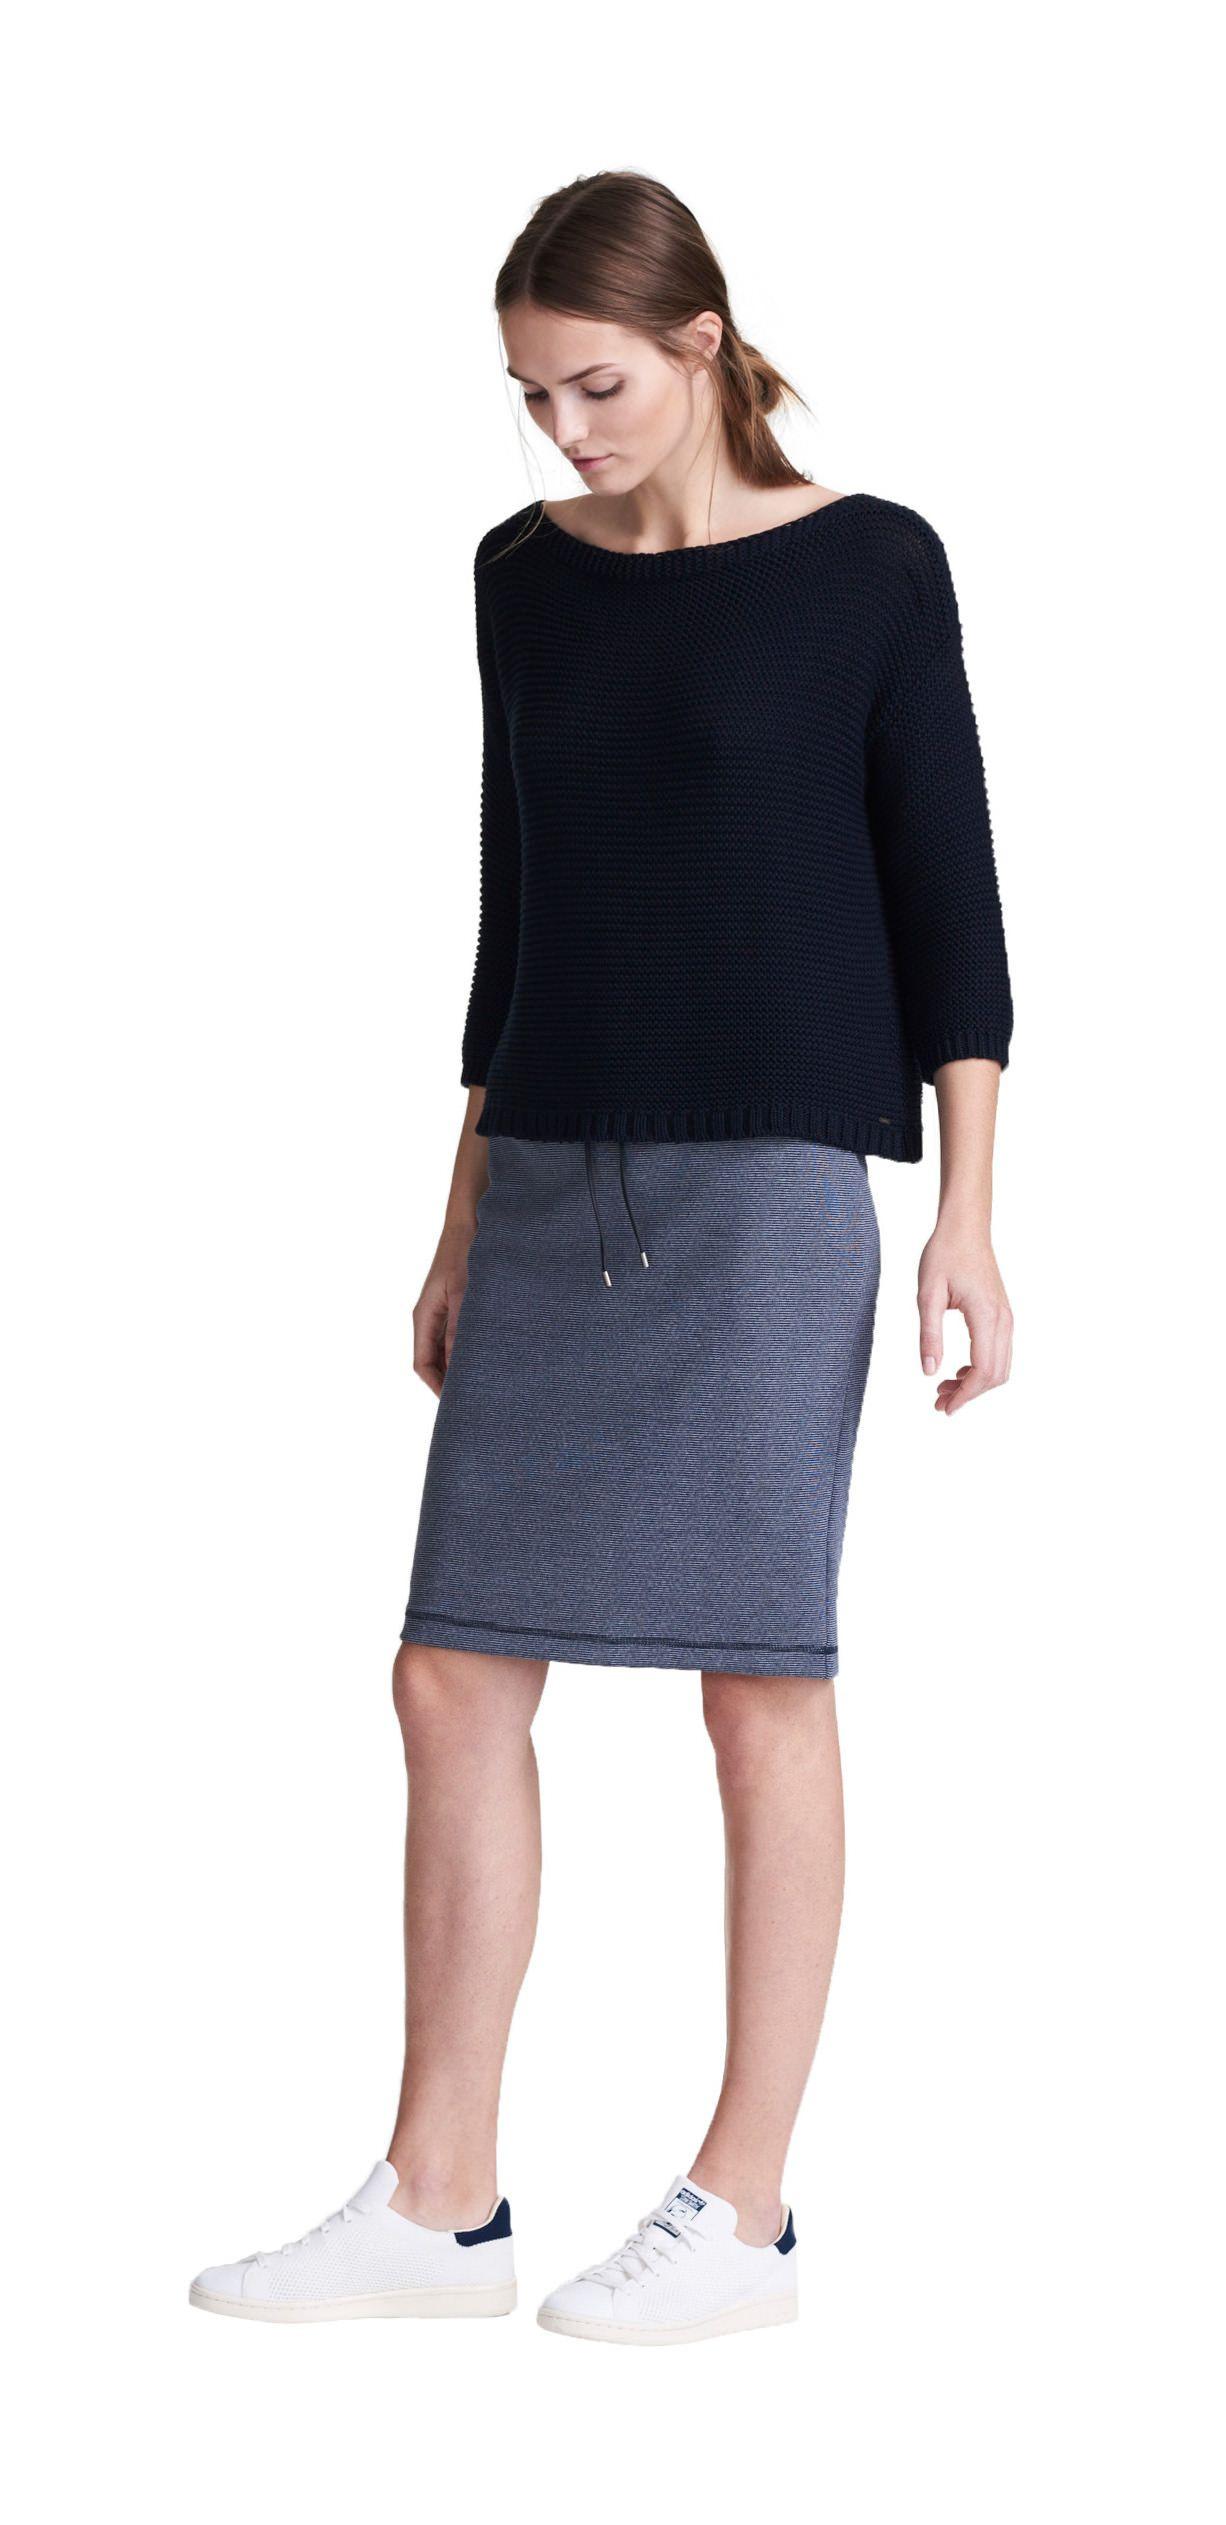 Damen Outfit Sportlich Femininer Look Von Opus Fashion